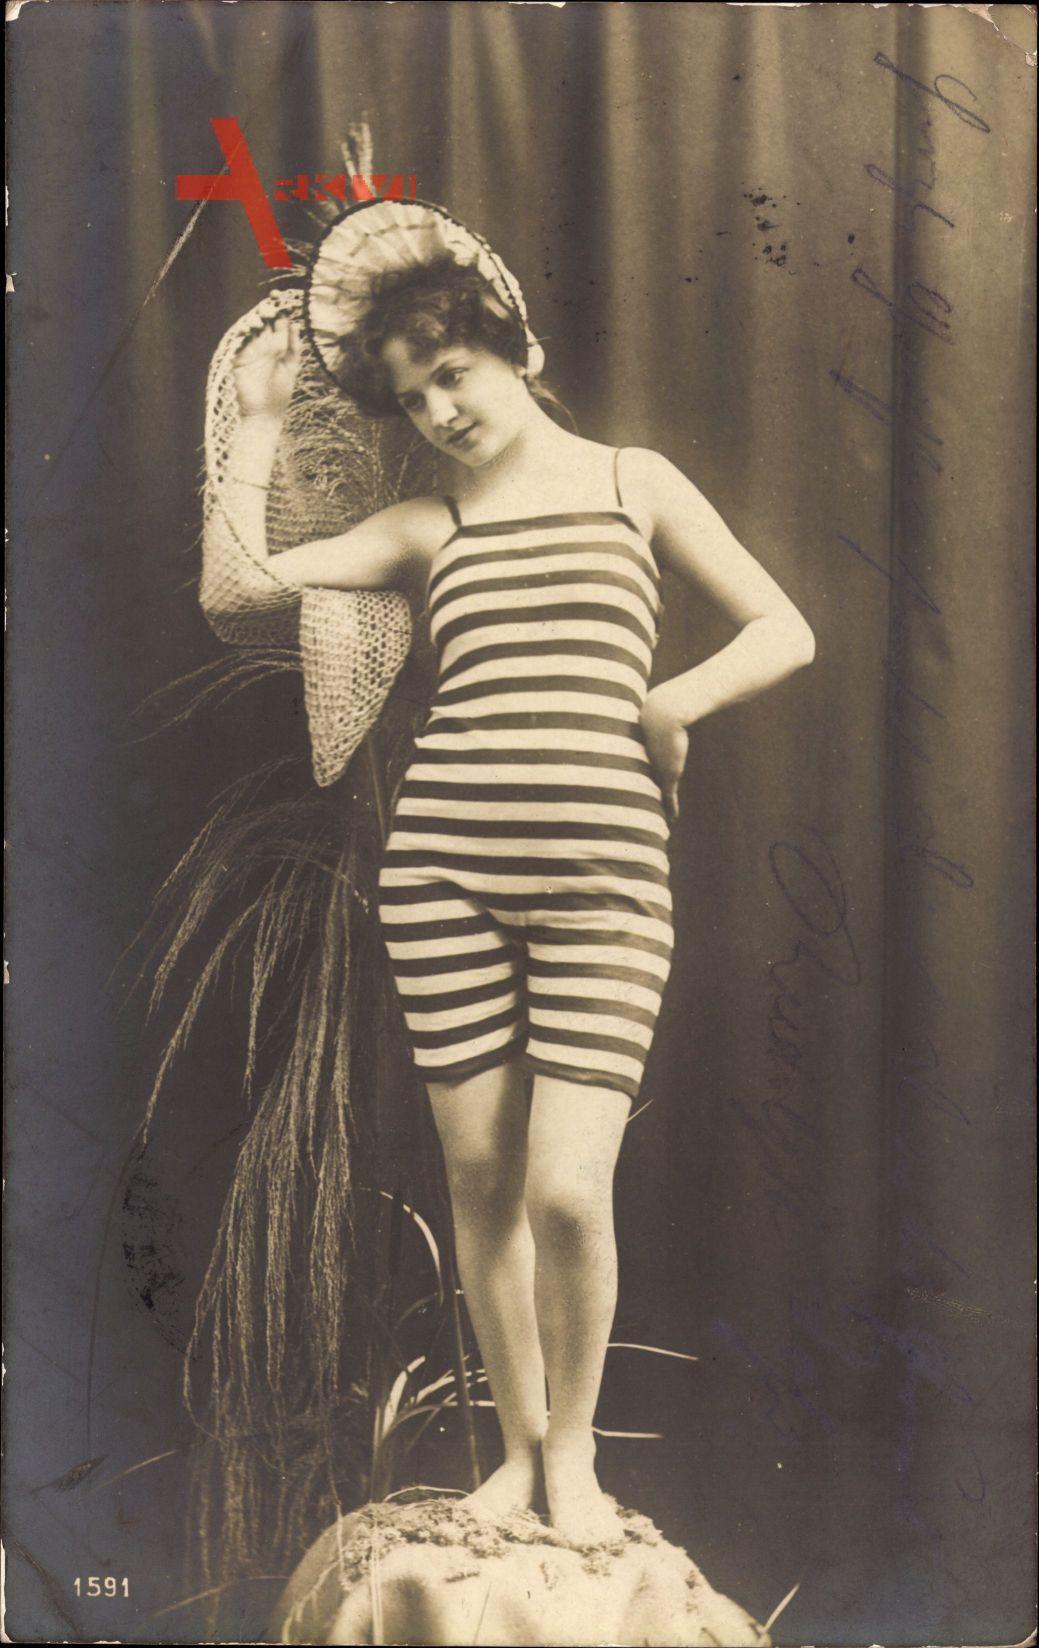 Junges Mädchen in Badekleid, Fischernetz, Gestreiftes Kostüm